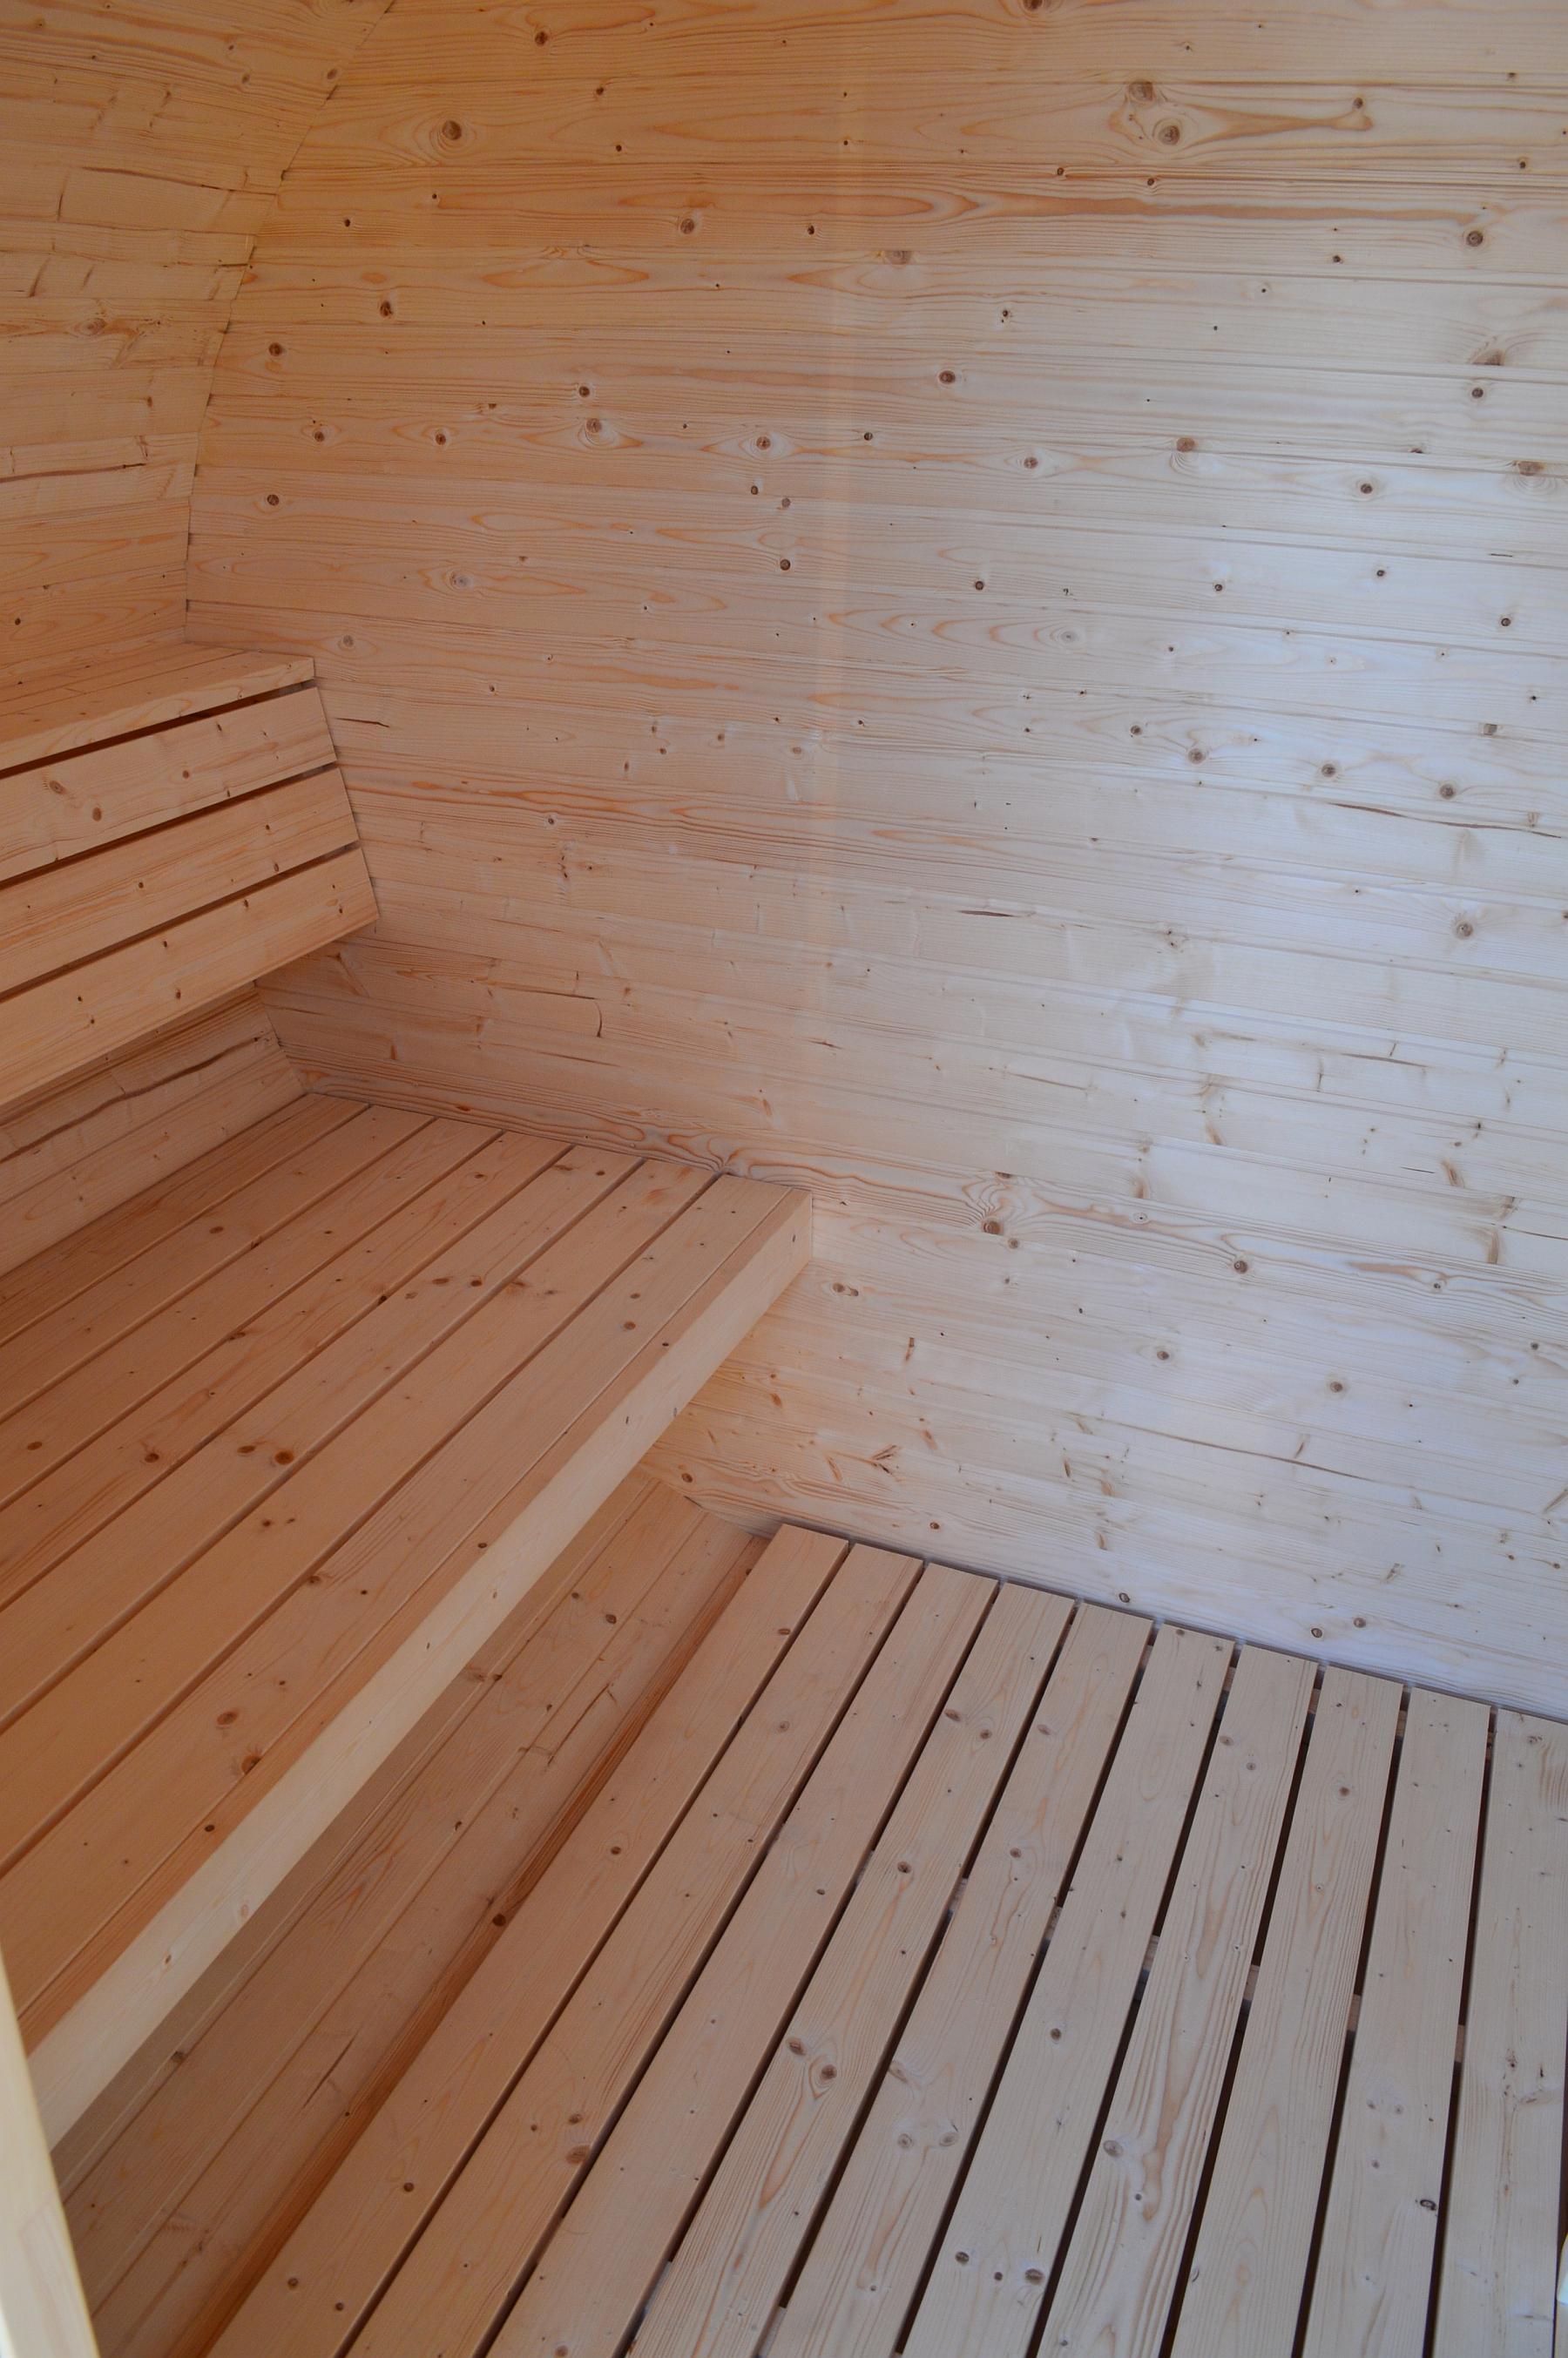 Ovale Fasssauna Bausatz mit Holzofen. Selbstverständlich sind ...